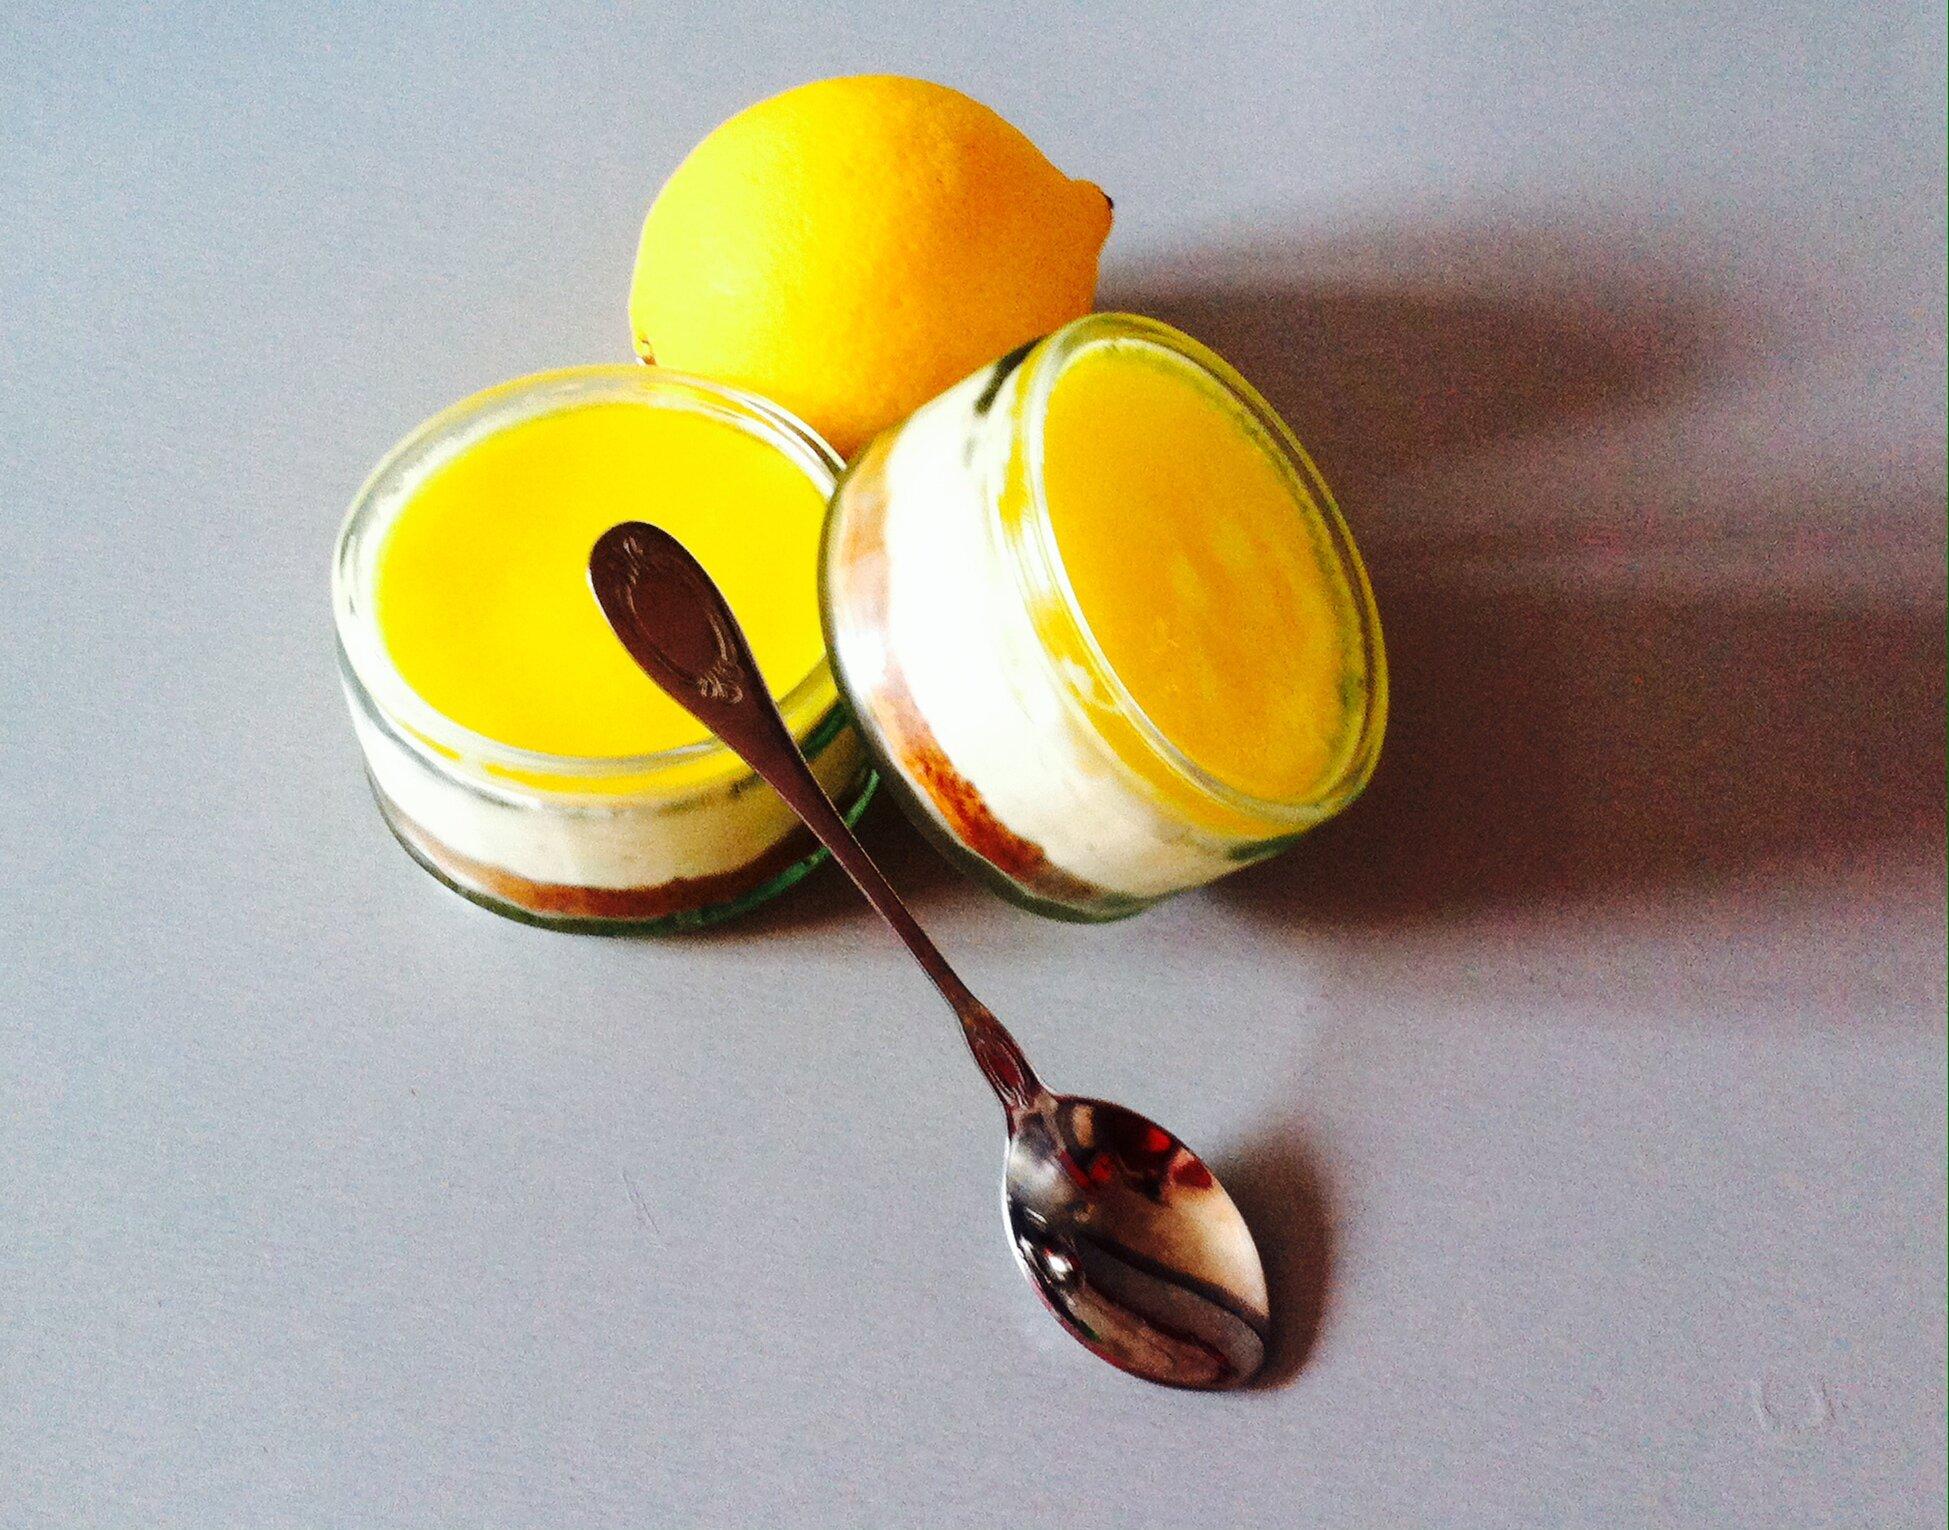 tarte au citron revisité à ma façon